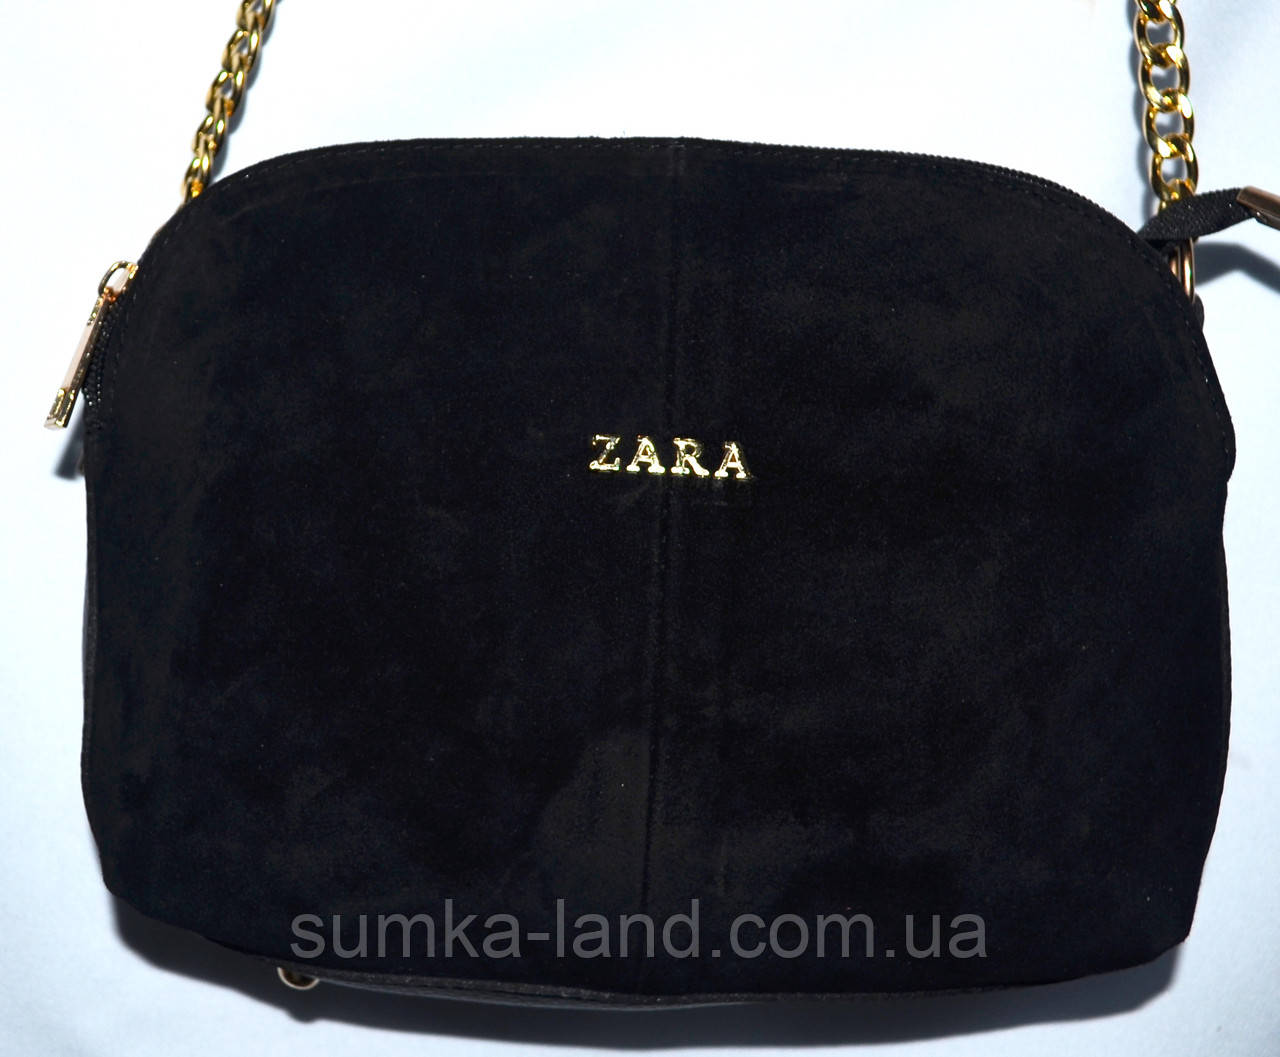 Женский черный клатч Zara из натуральной замши на 3 отделения 25*17 см